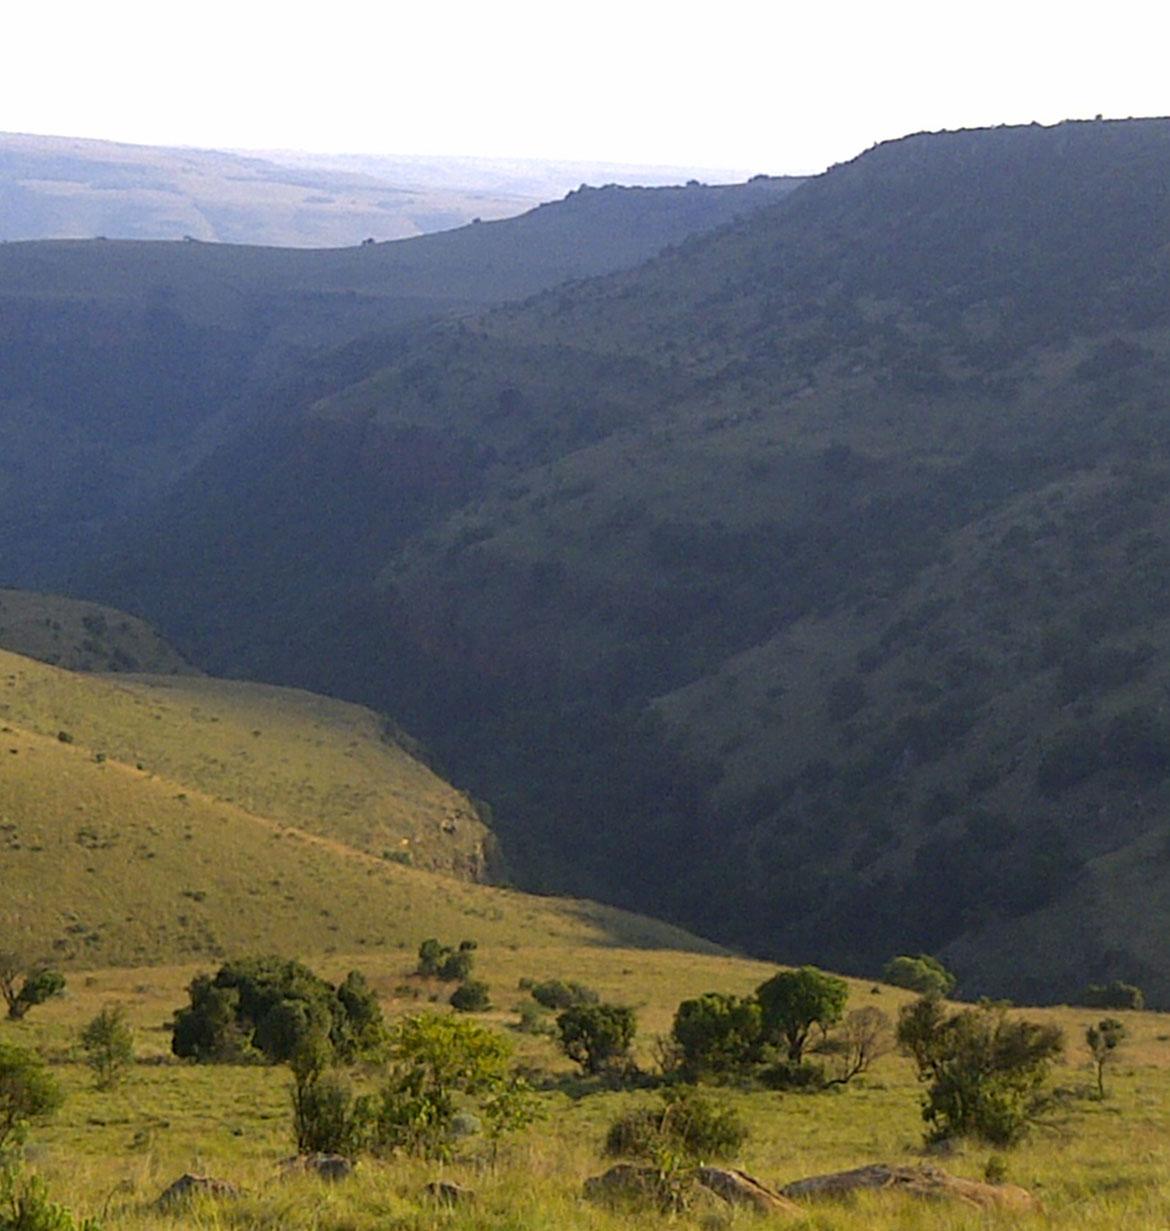 Popular hiking trails in Mpumalanga